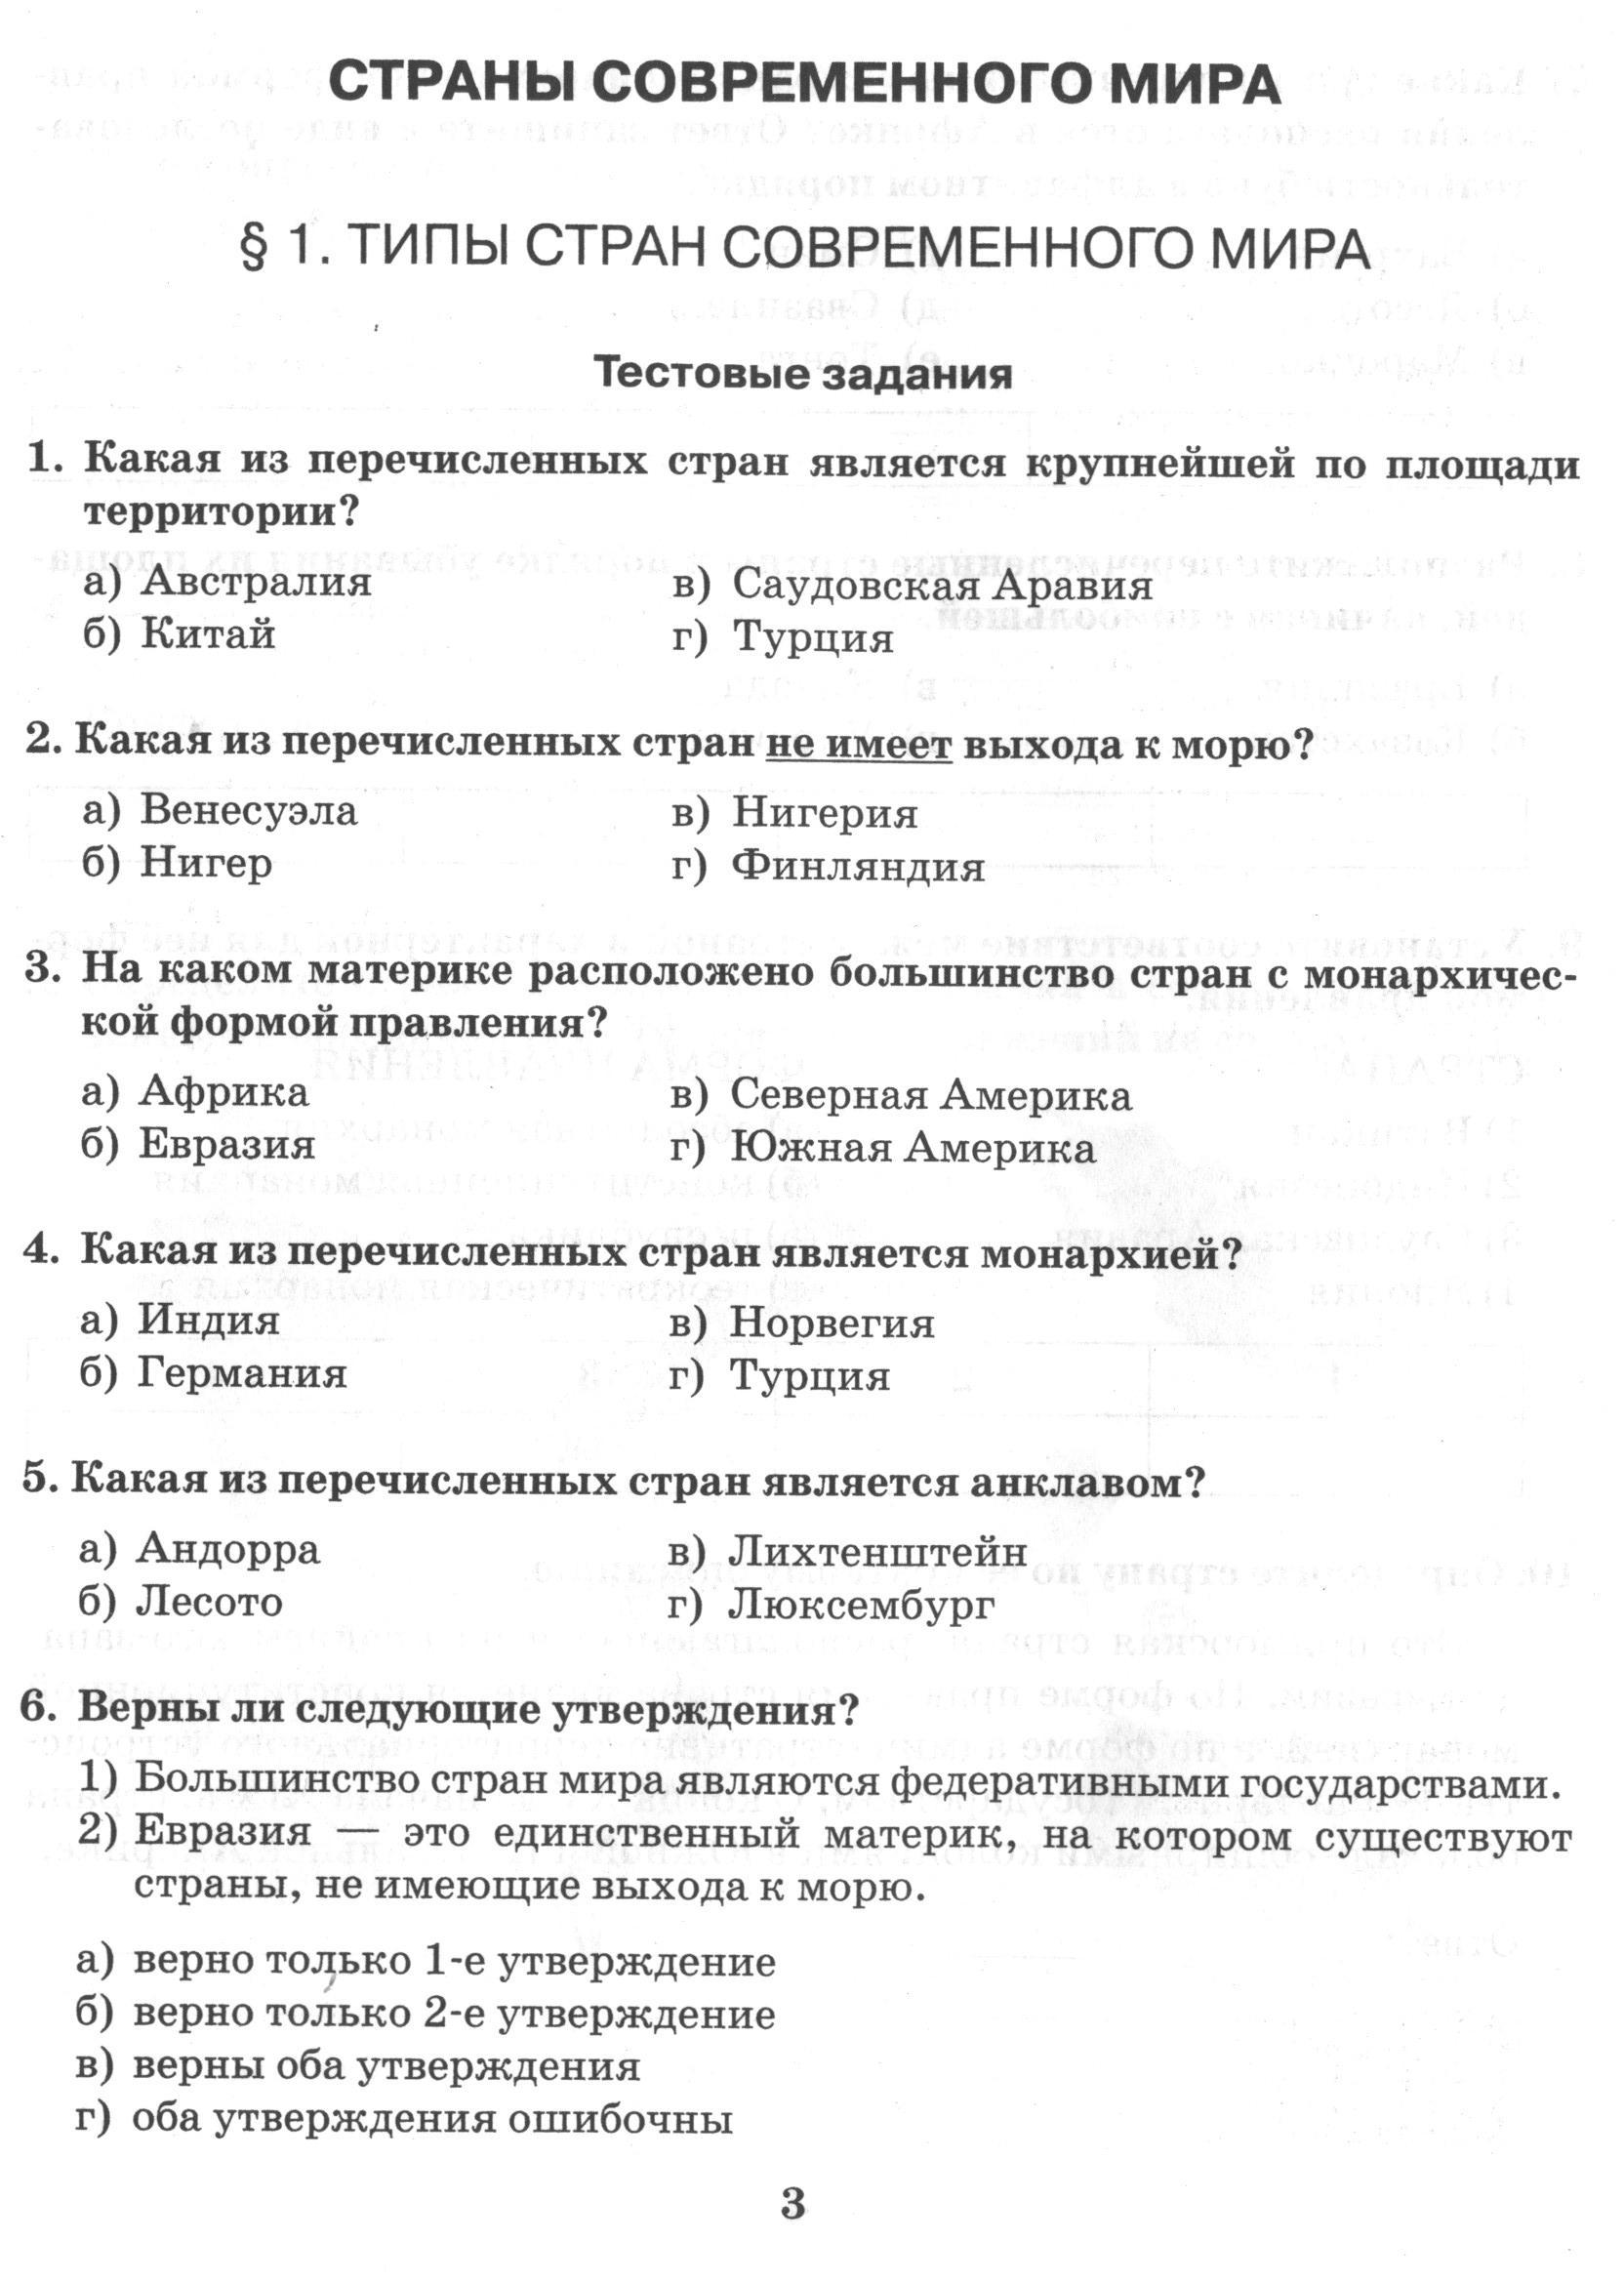 стр.3  - условие